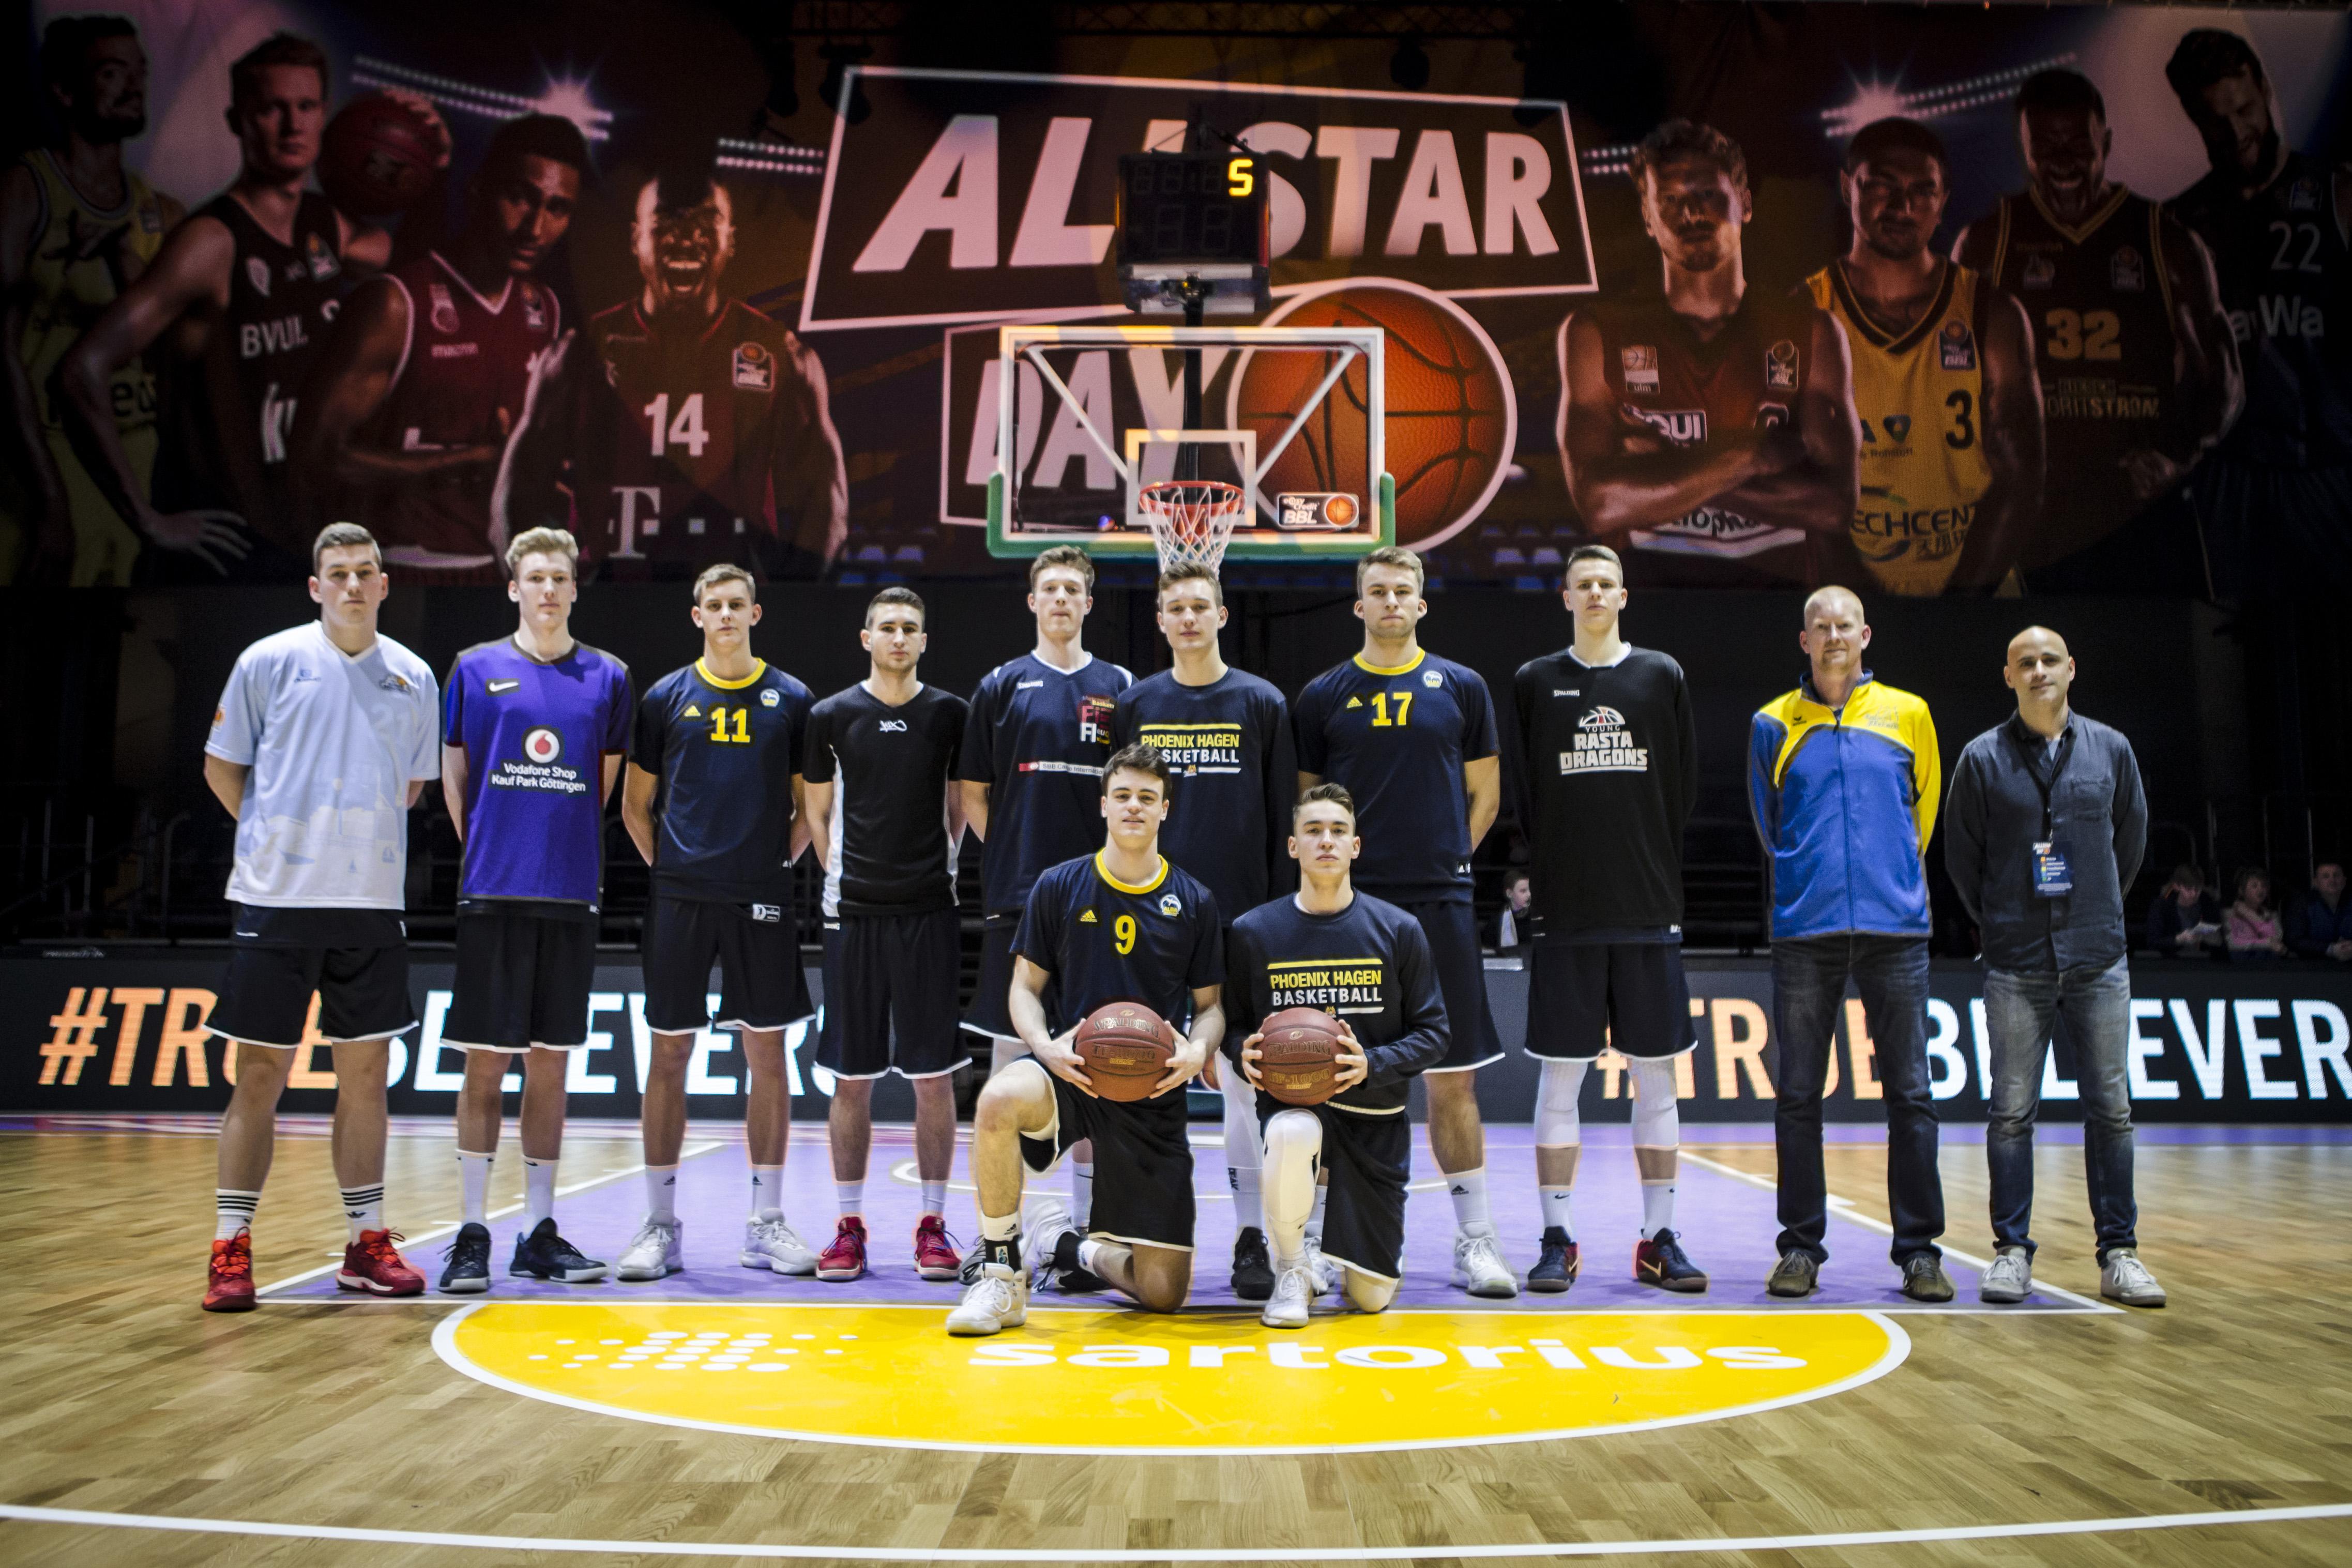 Team Nord während des NBBL ALLSTAR GAME im Rahmen des easyCredit BBL ALLSTAR Day in der Lokhalle Göttingen. Foto: Sven Kuczera